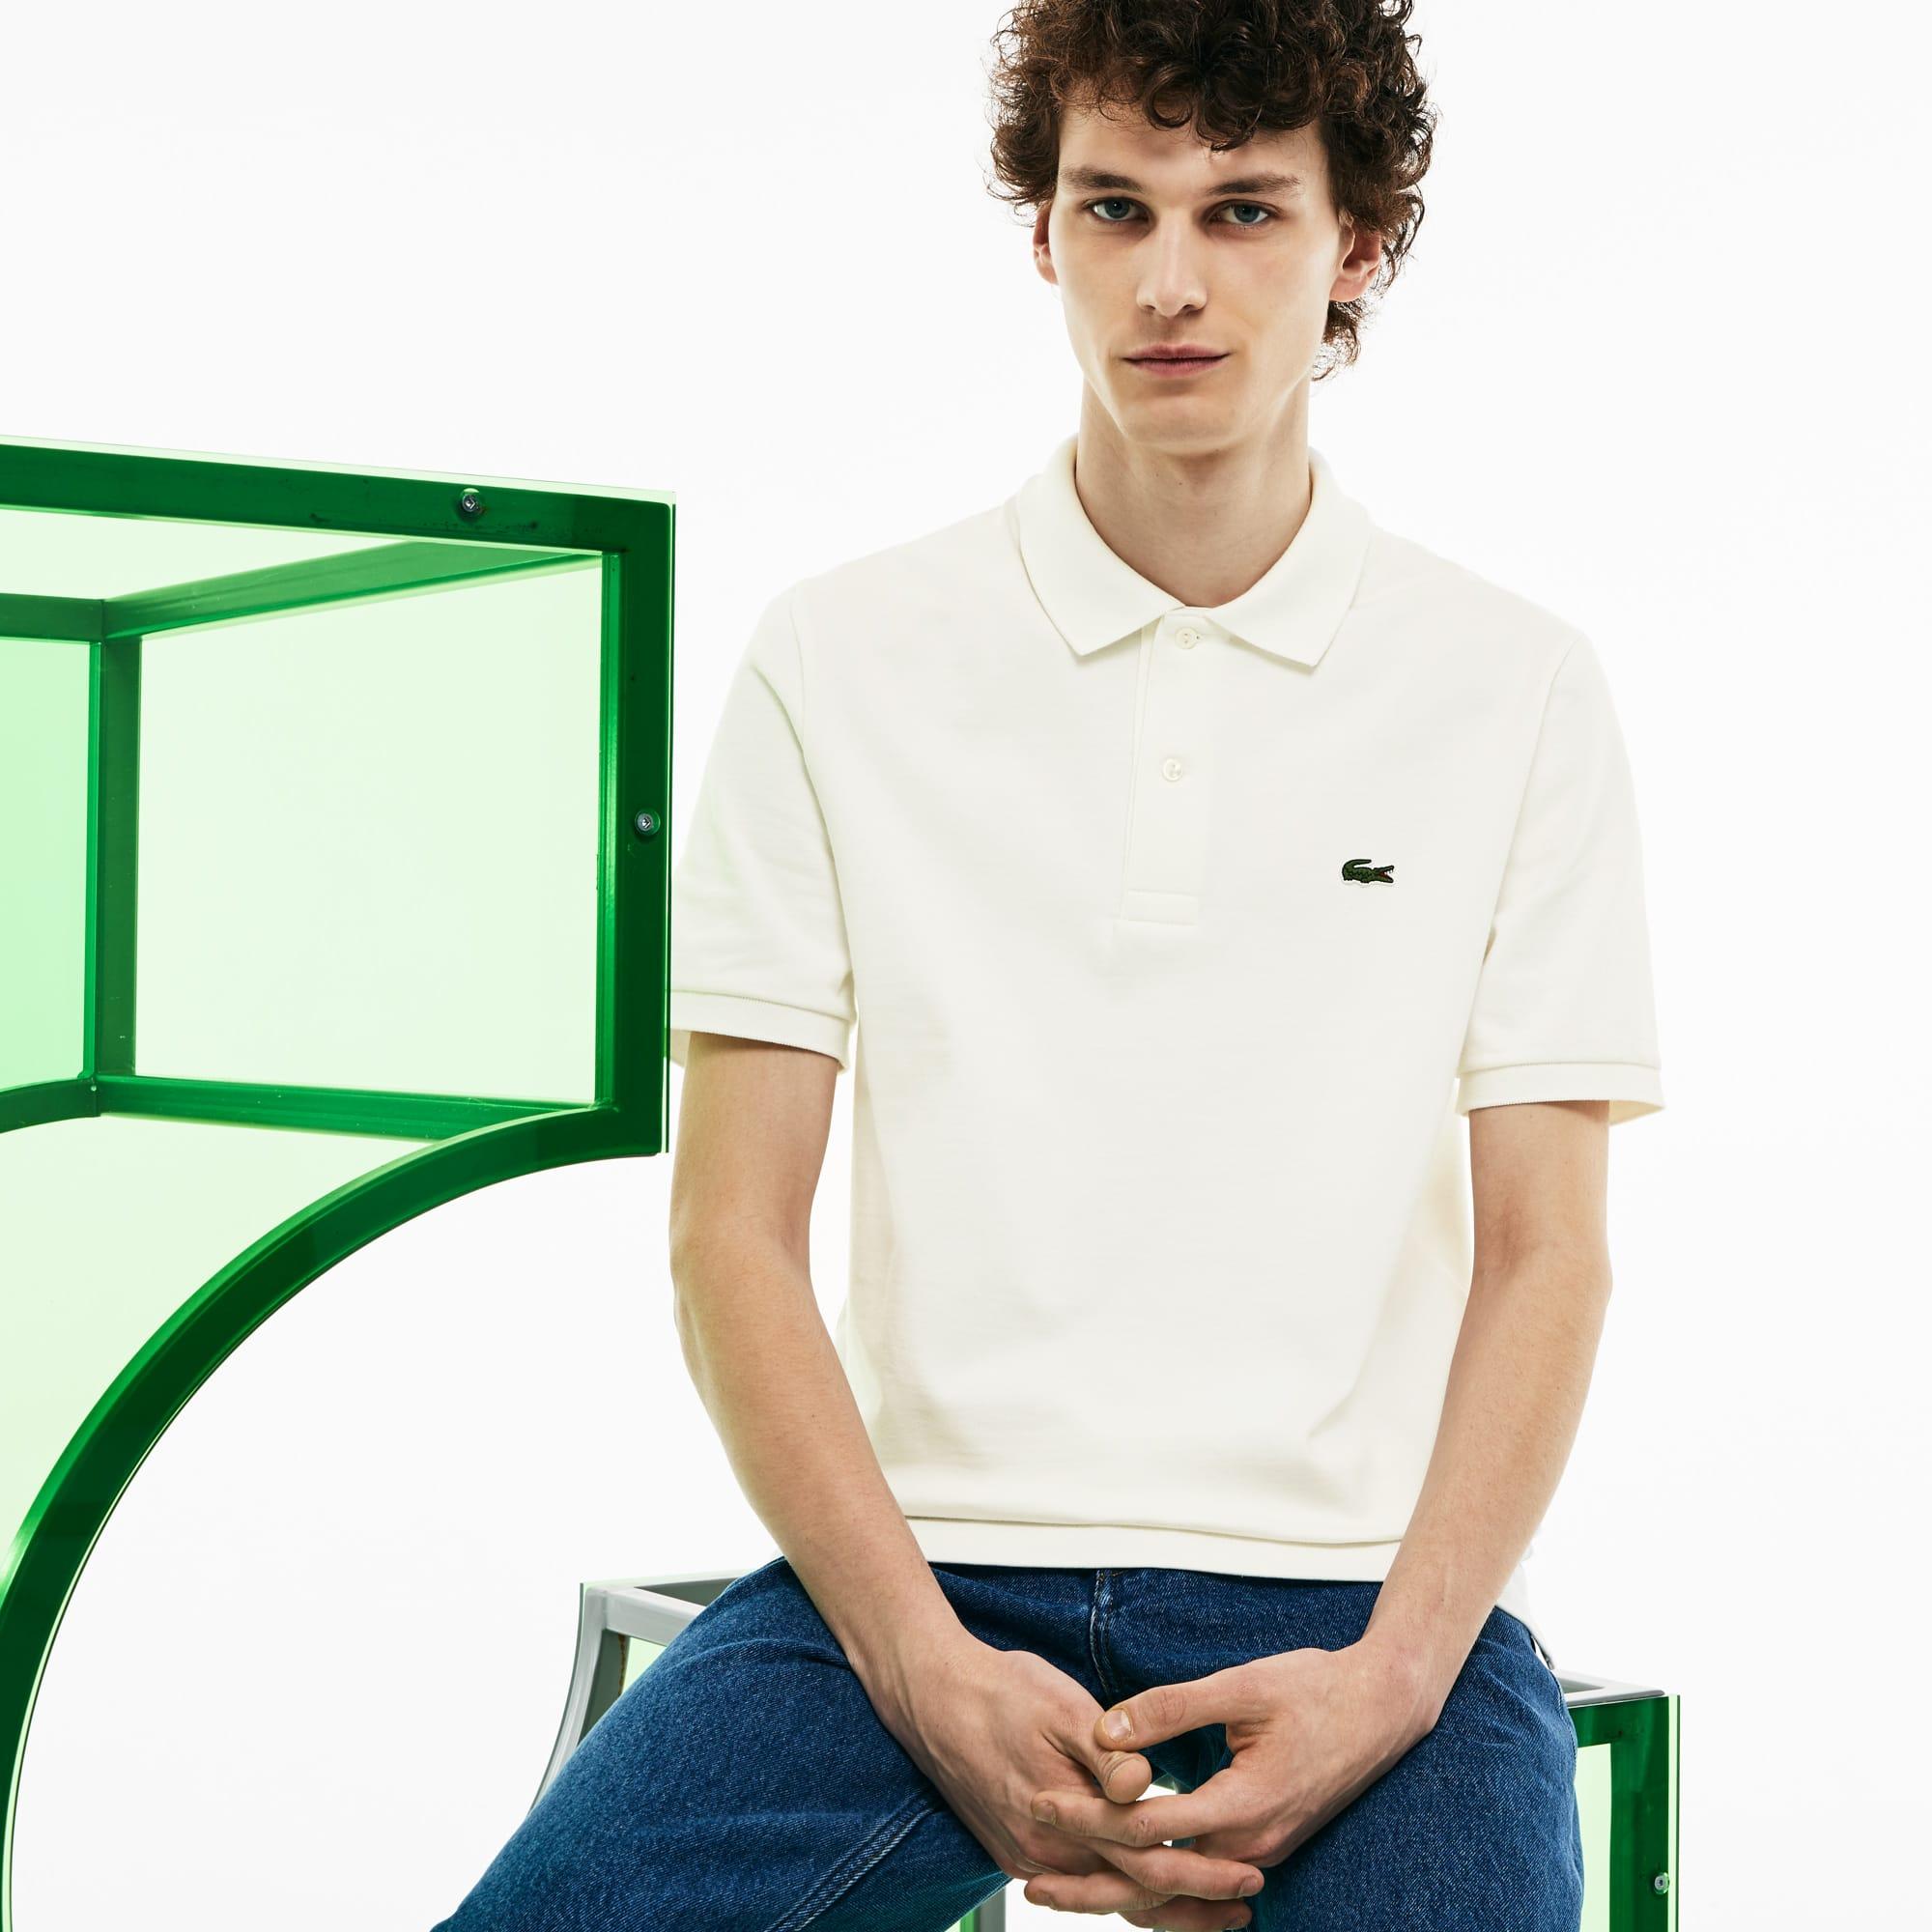 Herren Poloshirt aus Jersey aus der Fashion Show Kollektion